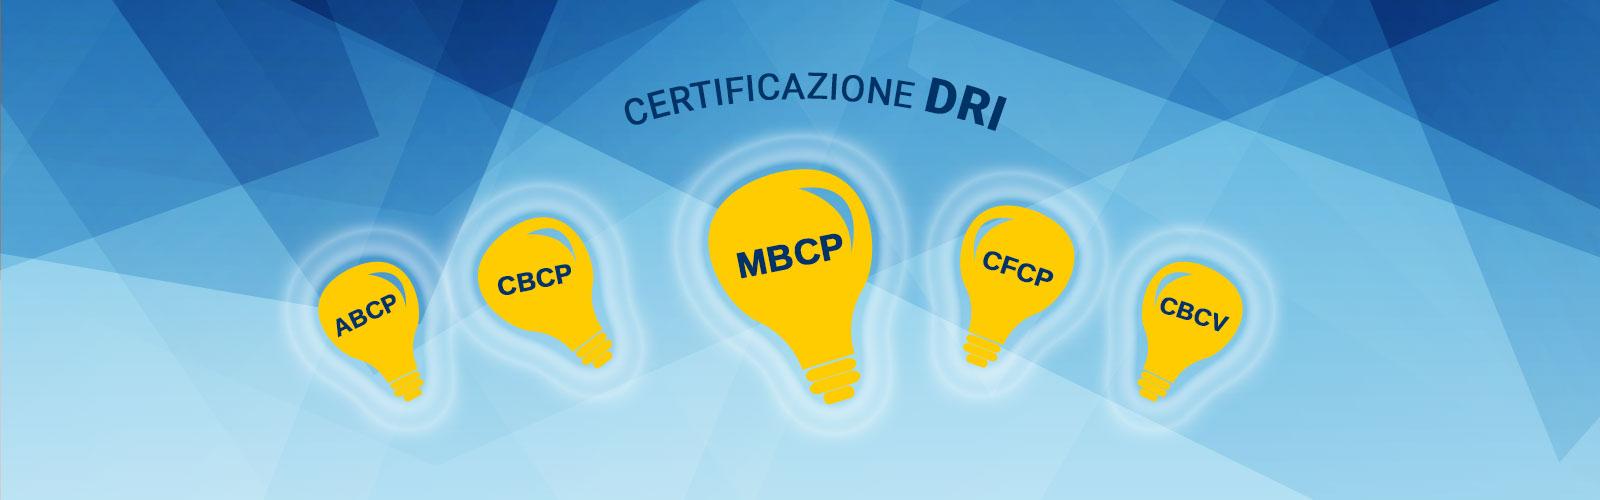 Processo di certificazione DRI